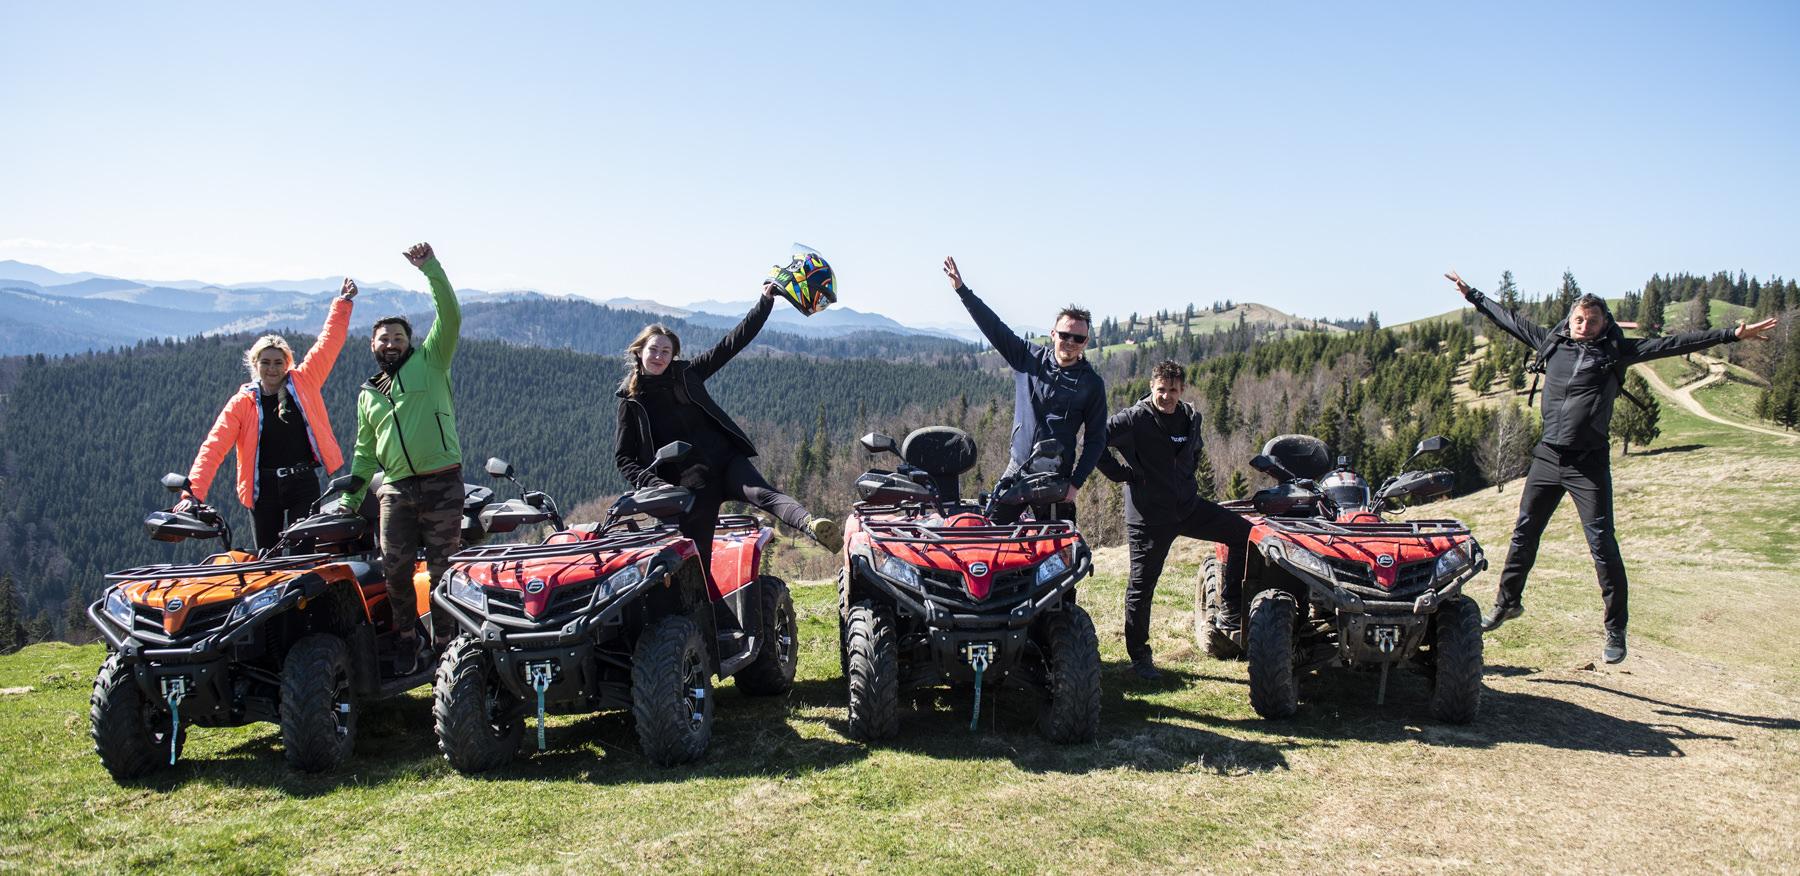 ATV-uri, Adrenalină, Zacuscă Și Coaste De Porc Caramelizate (Mălini – Bucovina) (fotoreportaj)